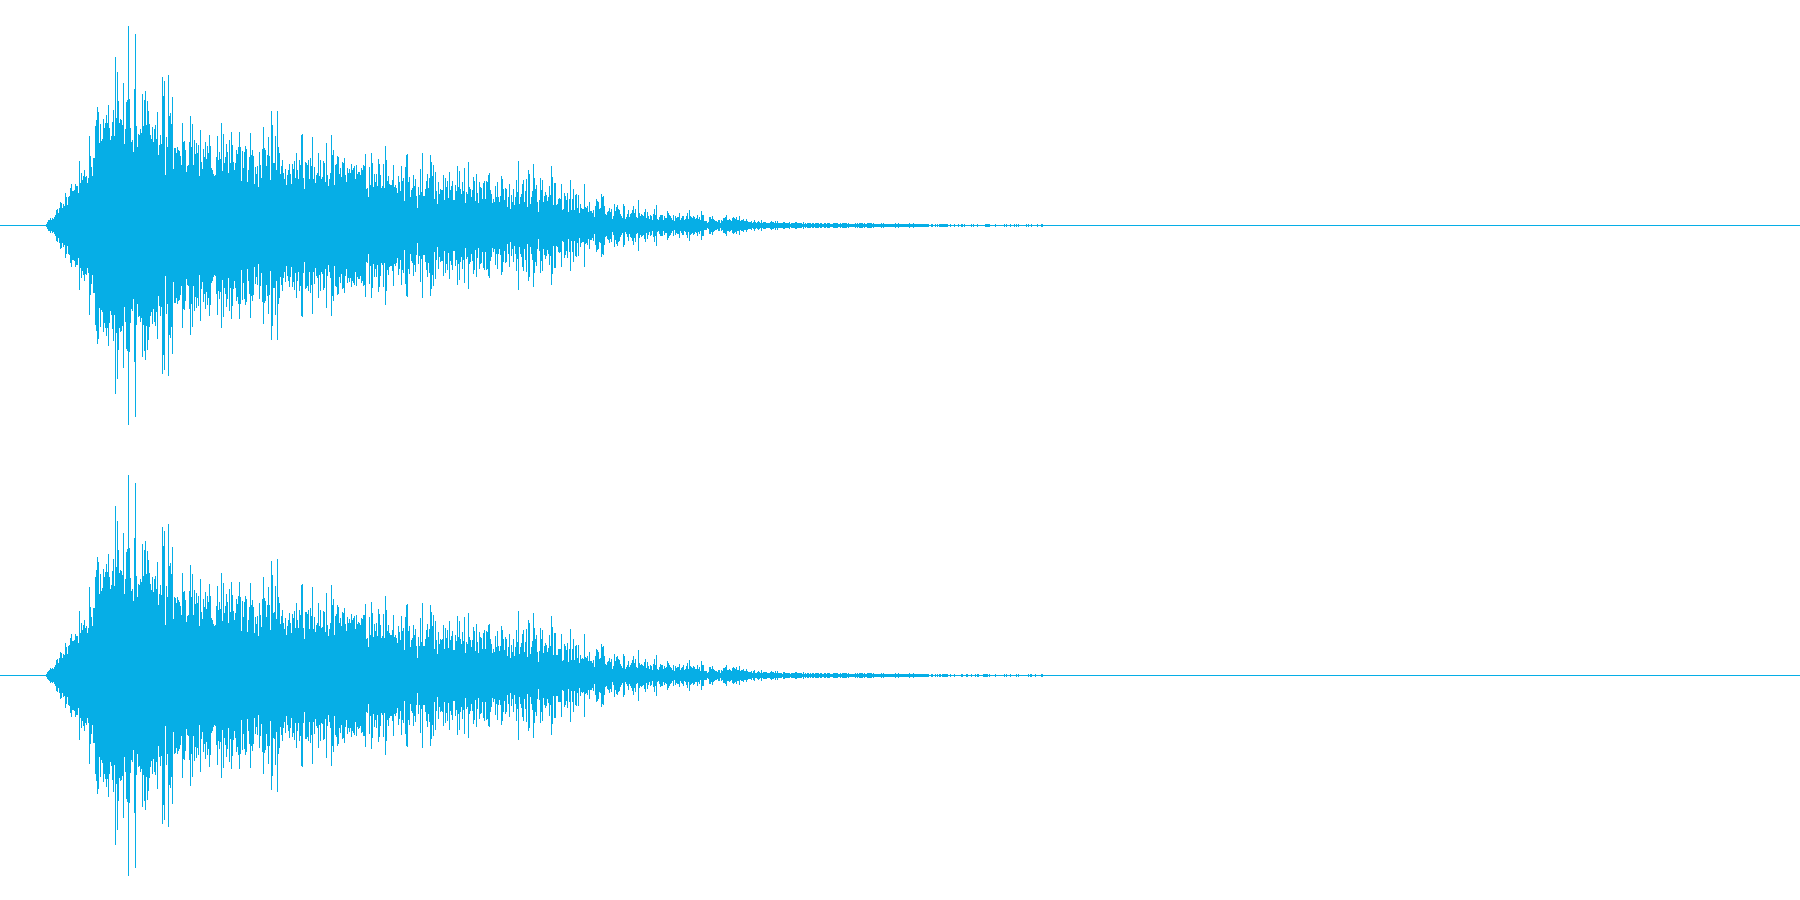 エンカウント/遭遇/戦闘開始の再生済みの波形